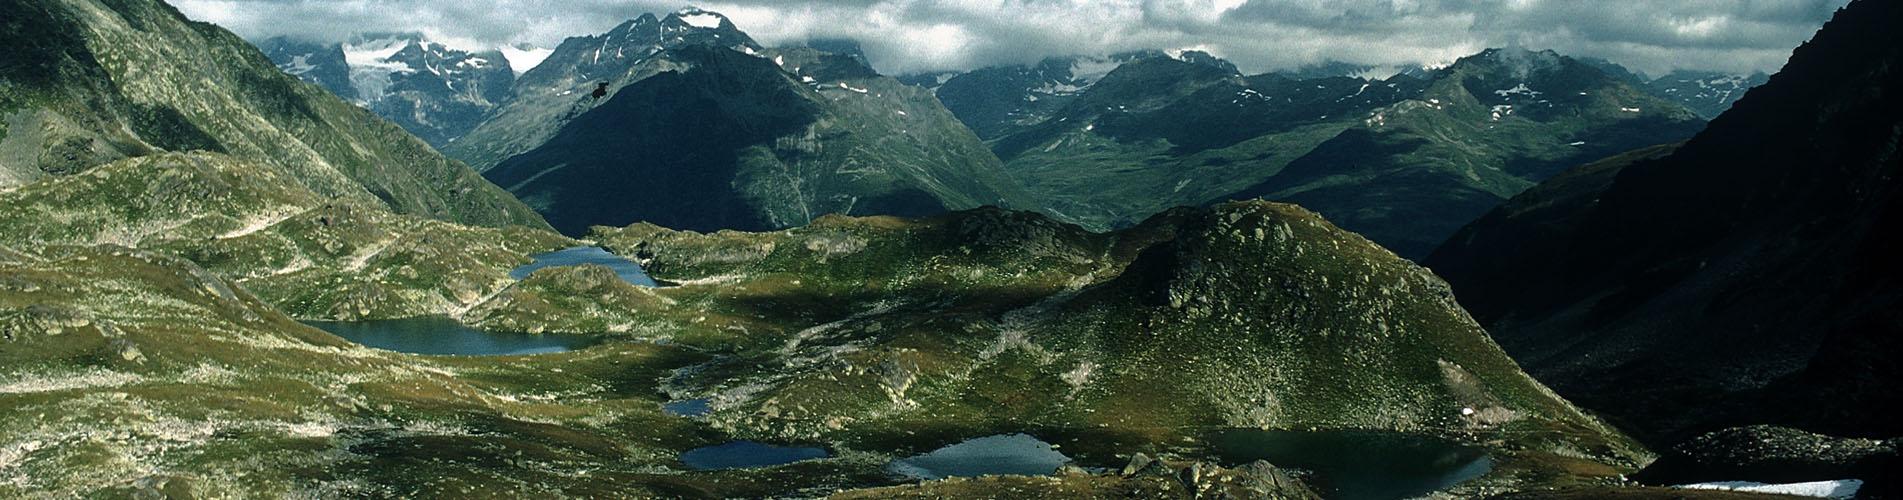 Wandern im idyllischen Val Müstair / Münstertal. Es warten der Schweizerische Nationalpark, herrliche Aussichten, duftende Arvenwälder, malerische Dörfer und vieles mehr! Ein Paradies für Wanderungen!